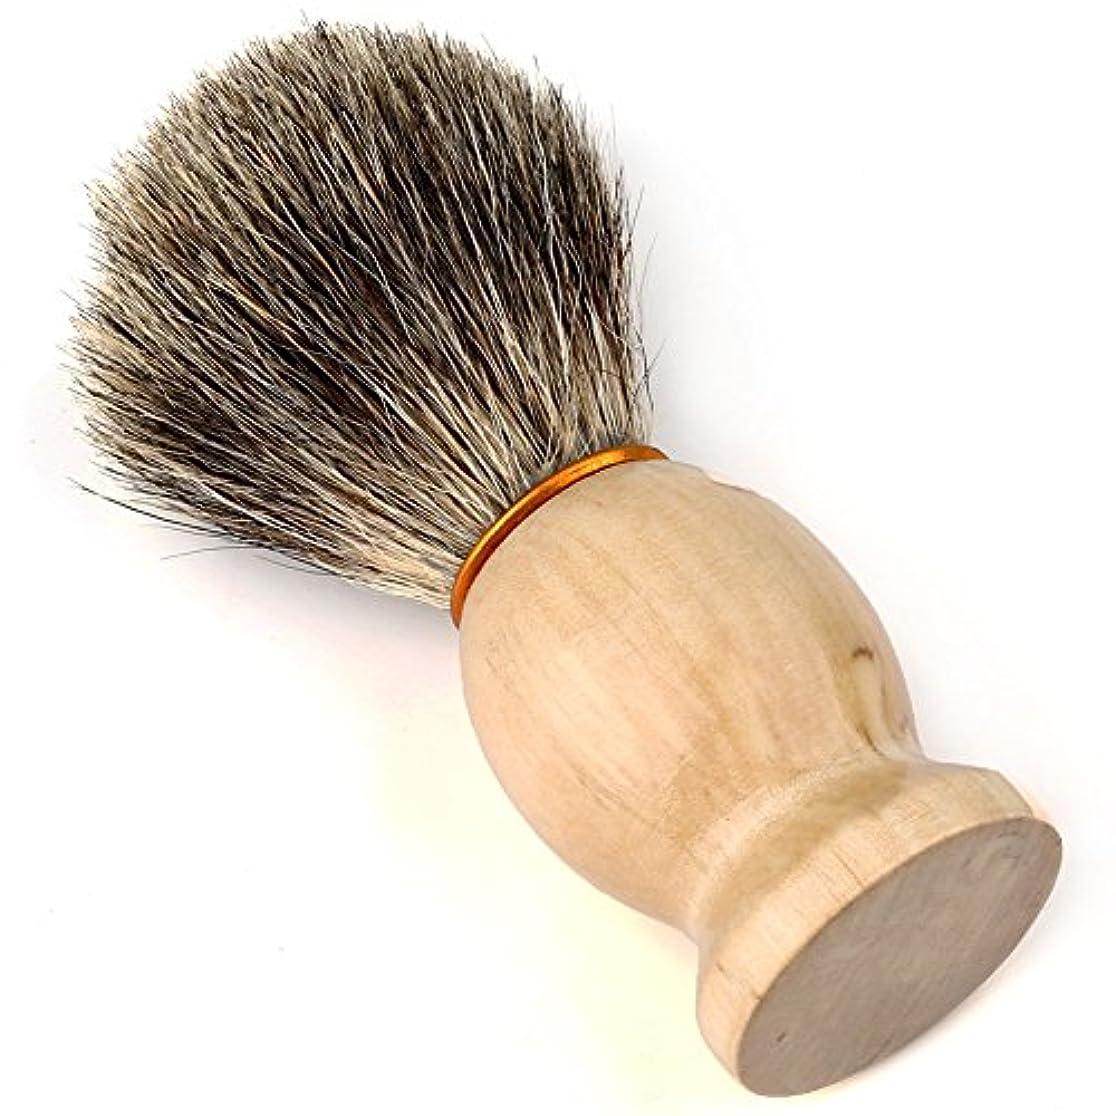 協力する脱獄方法Easy Raku®ひげブラシ シェービングブラシ アナグマ毛 髭剃り 泡立ち メンズ シェービングブラシ(ブラシだけ)